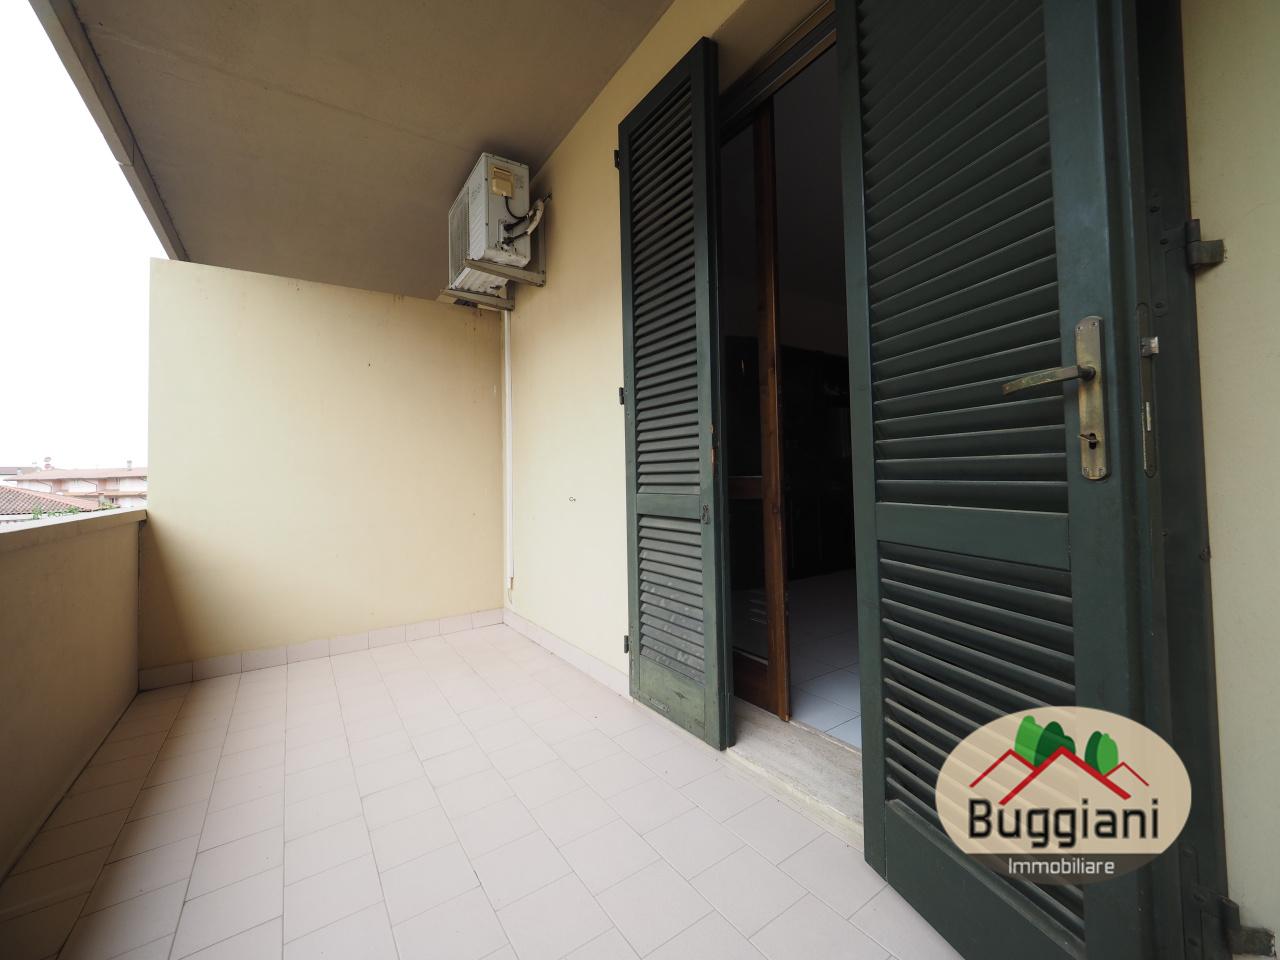 Appartamento in vendita RIF. 2143, San Miniato (PI)